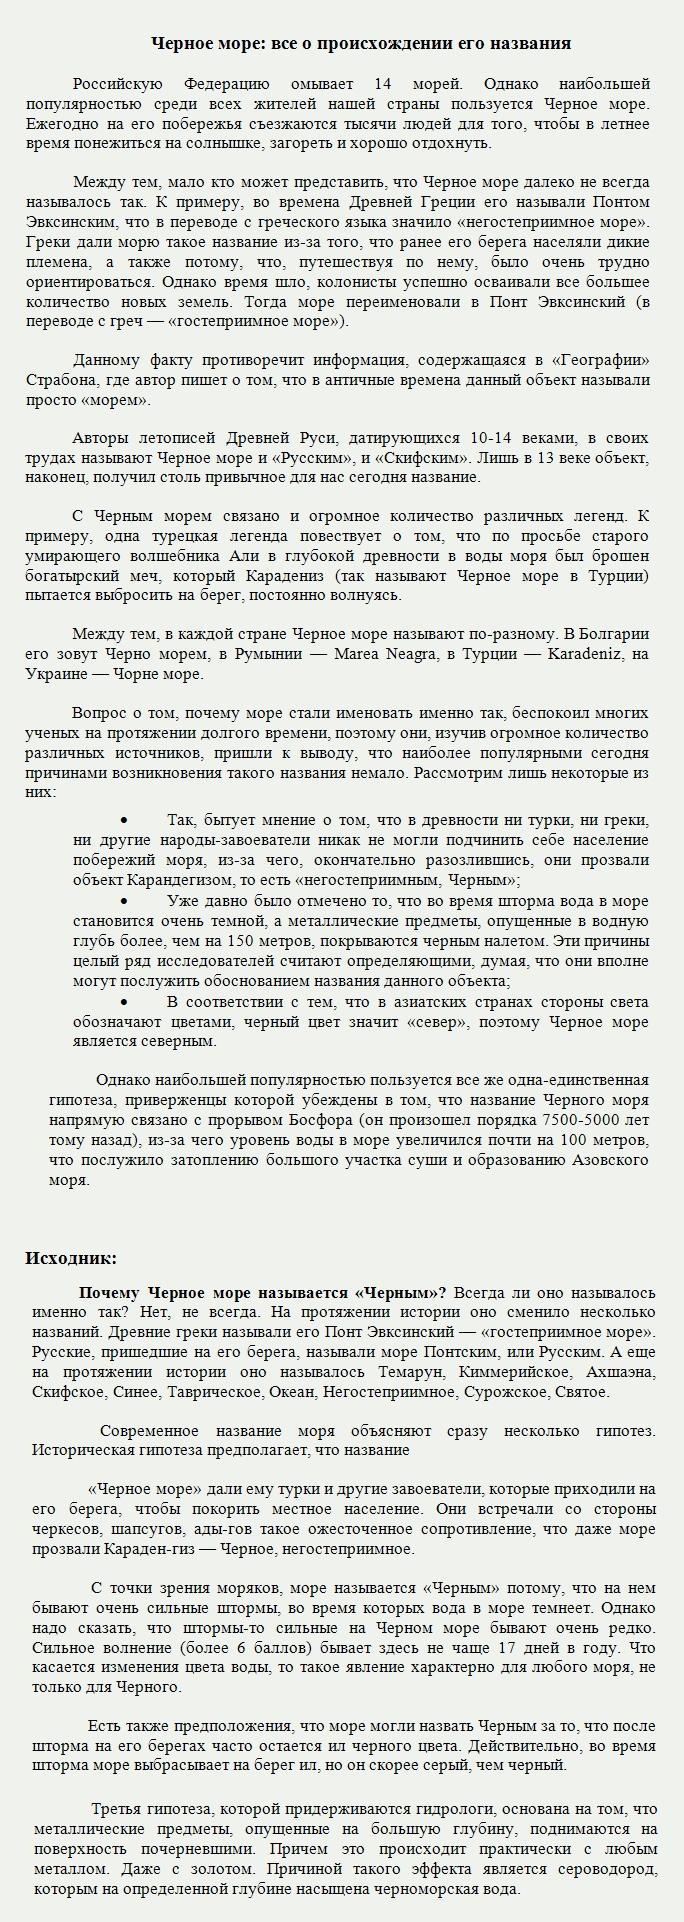 Черное море: происхождение его названия